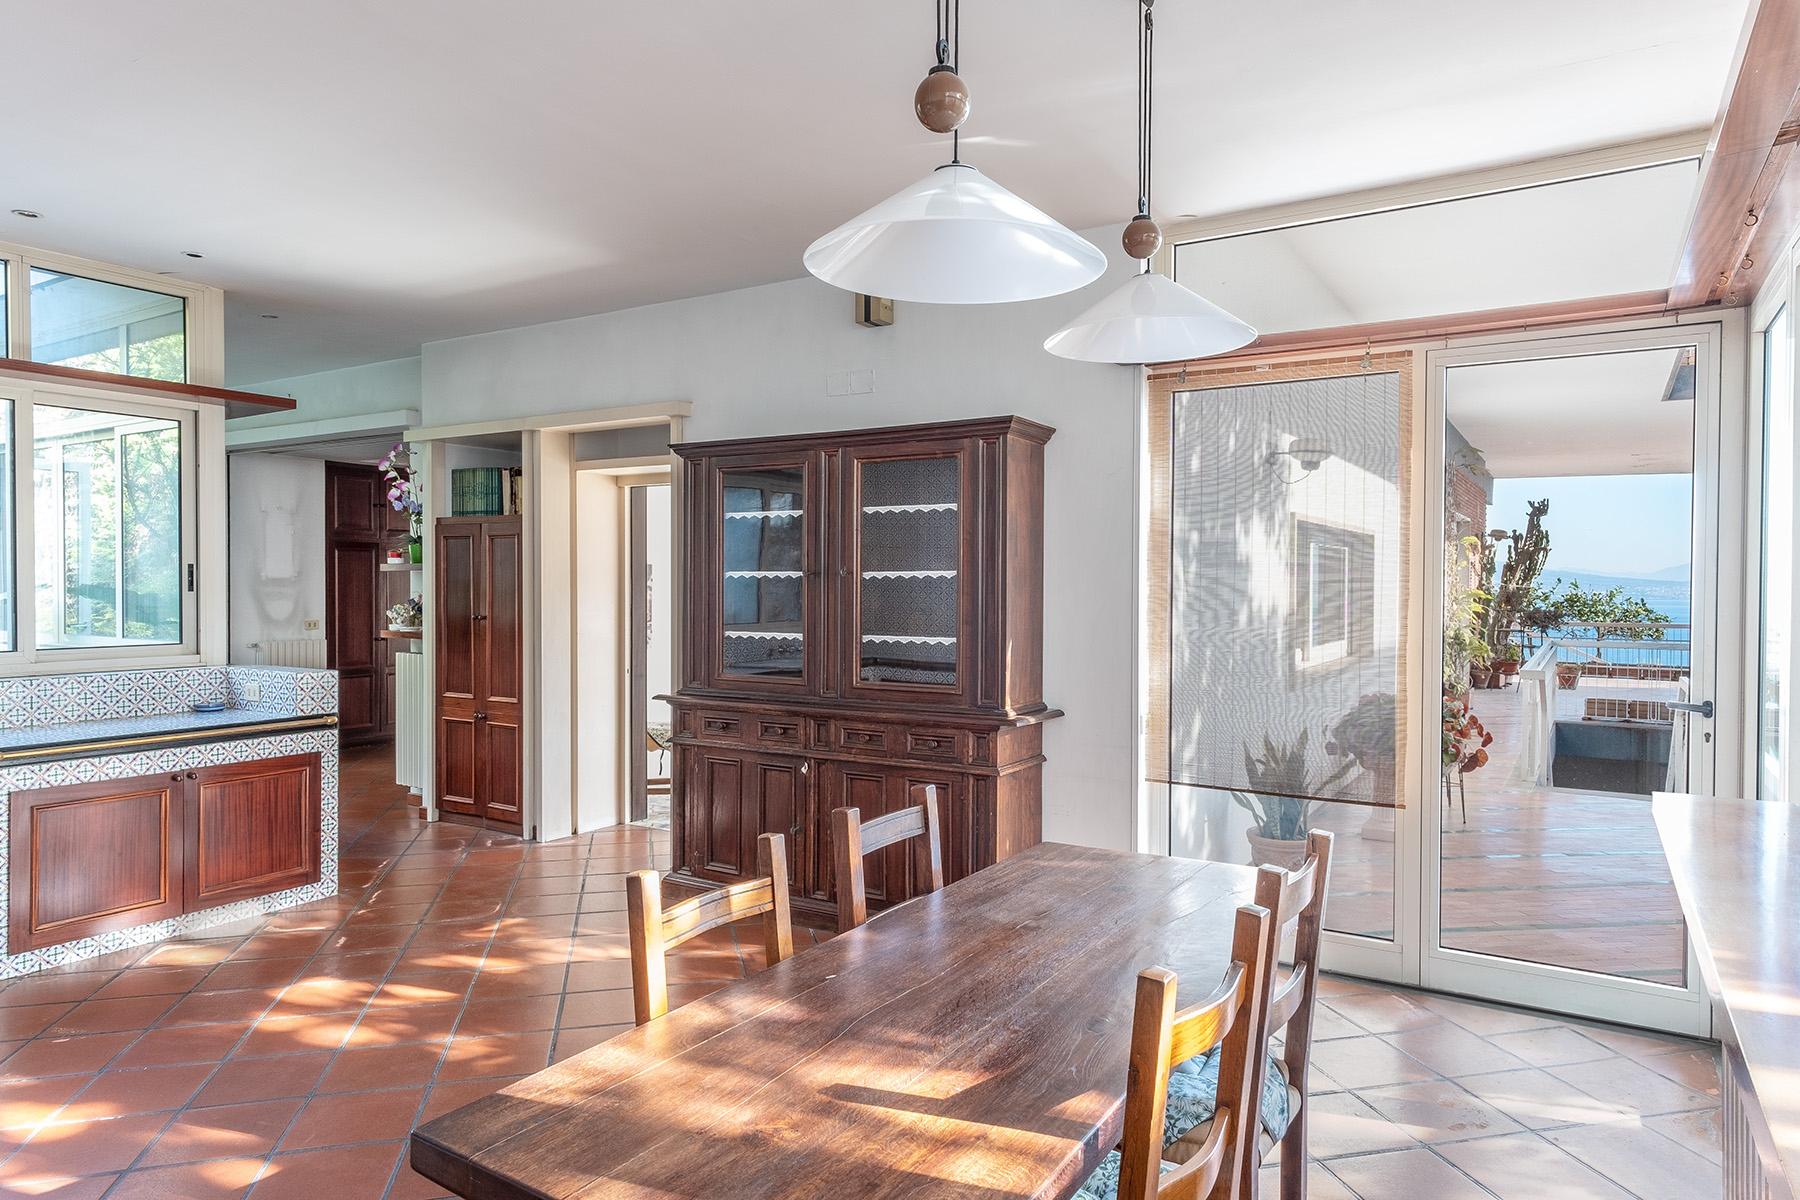 Villa in Vendita a Napoli: 5 locali, 600 mq - Foto 4